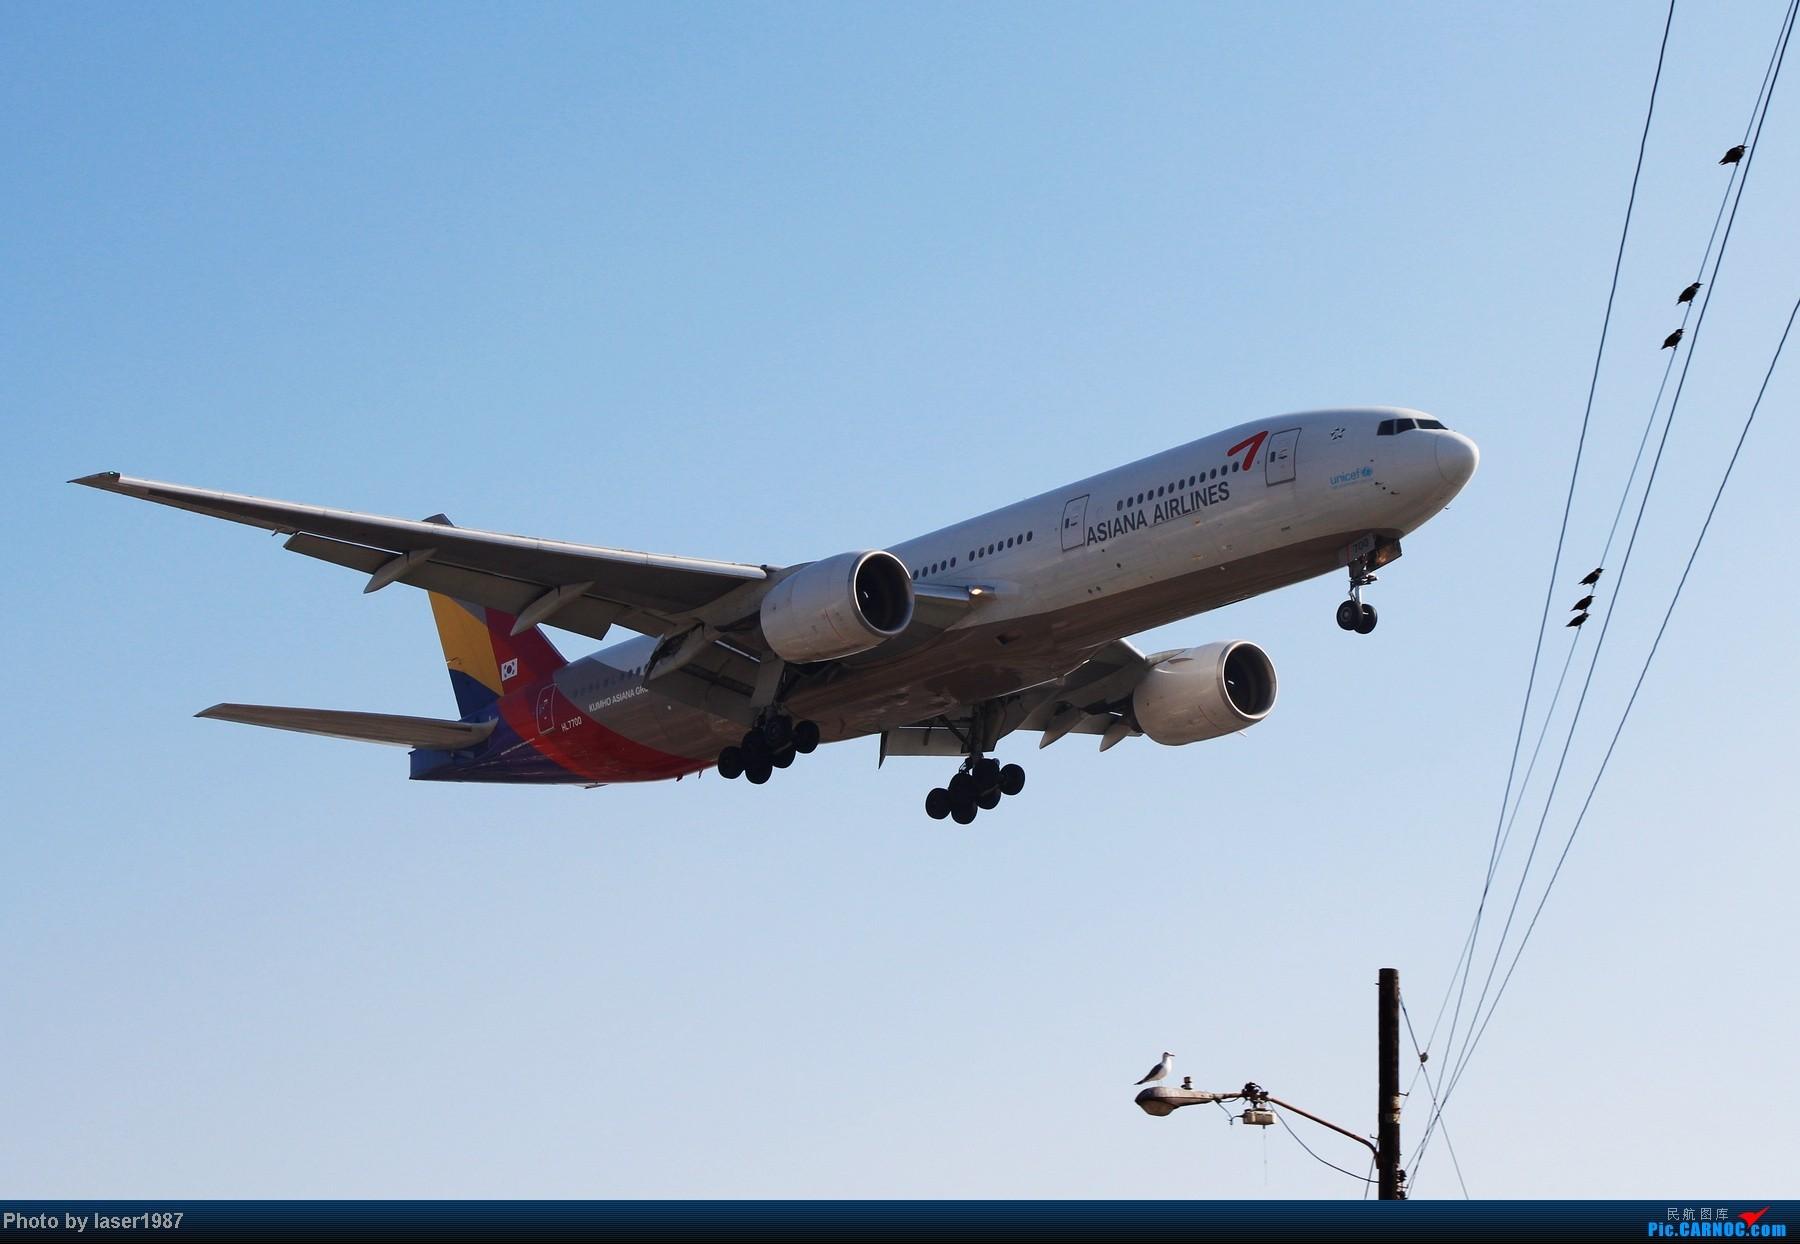 Re:[原创]2011.12.25 LAX 24R跑道东侧停车场拍飞机 BOEING 777-200ER HL7700 美国洛杉矶机场